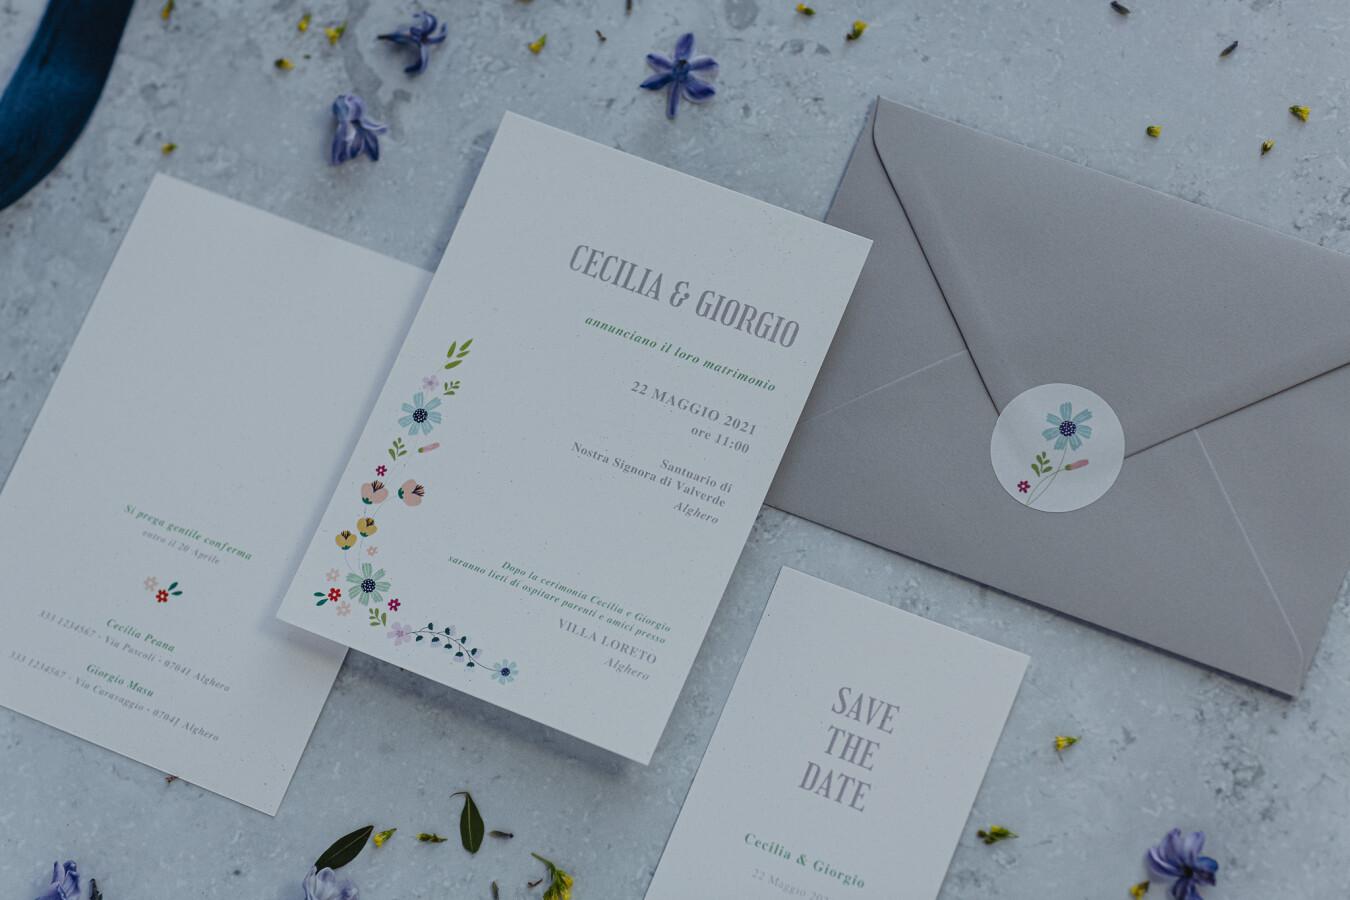 Partecipazioni nozze PASTELLO - Wedsign